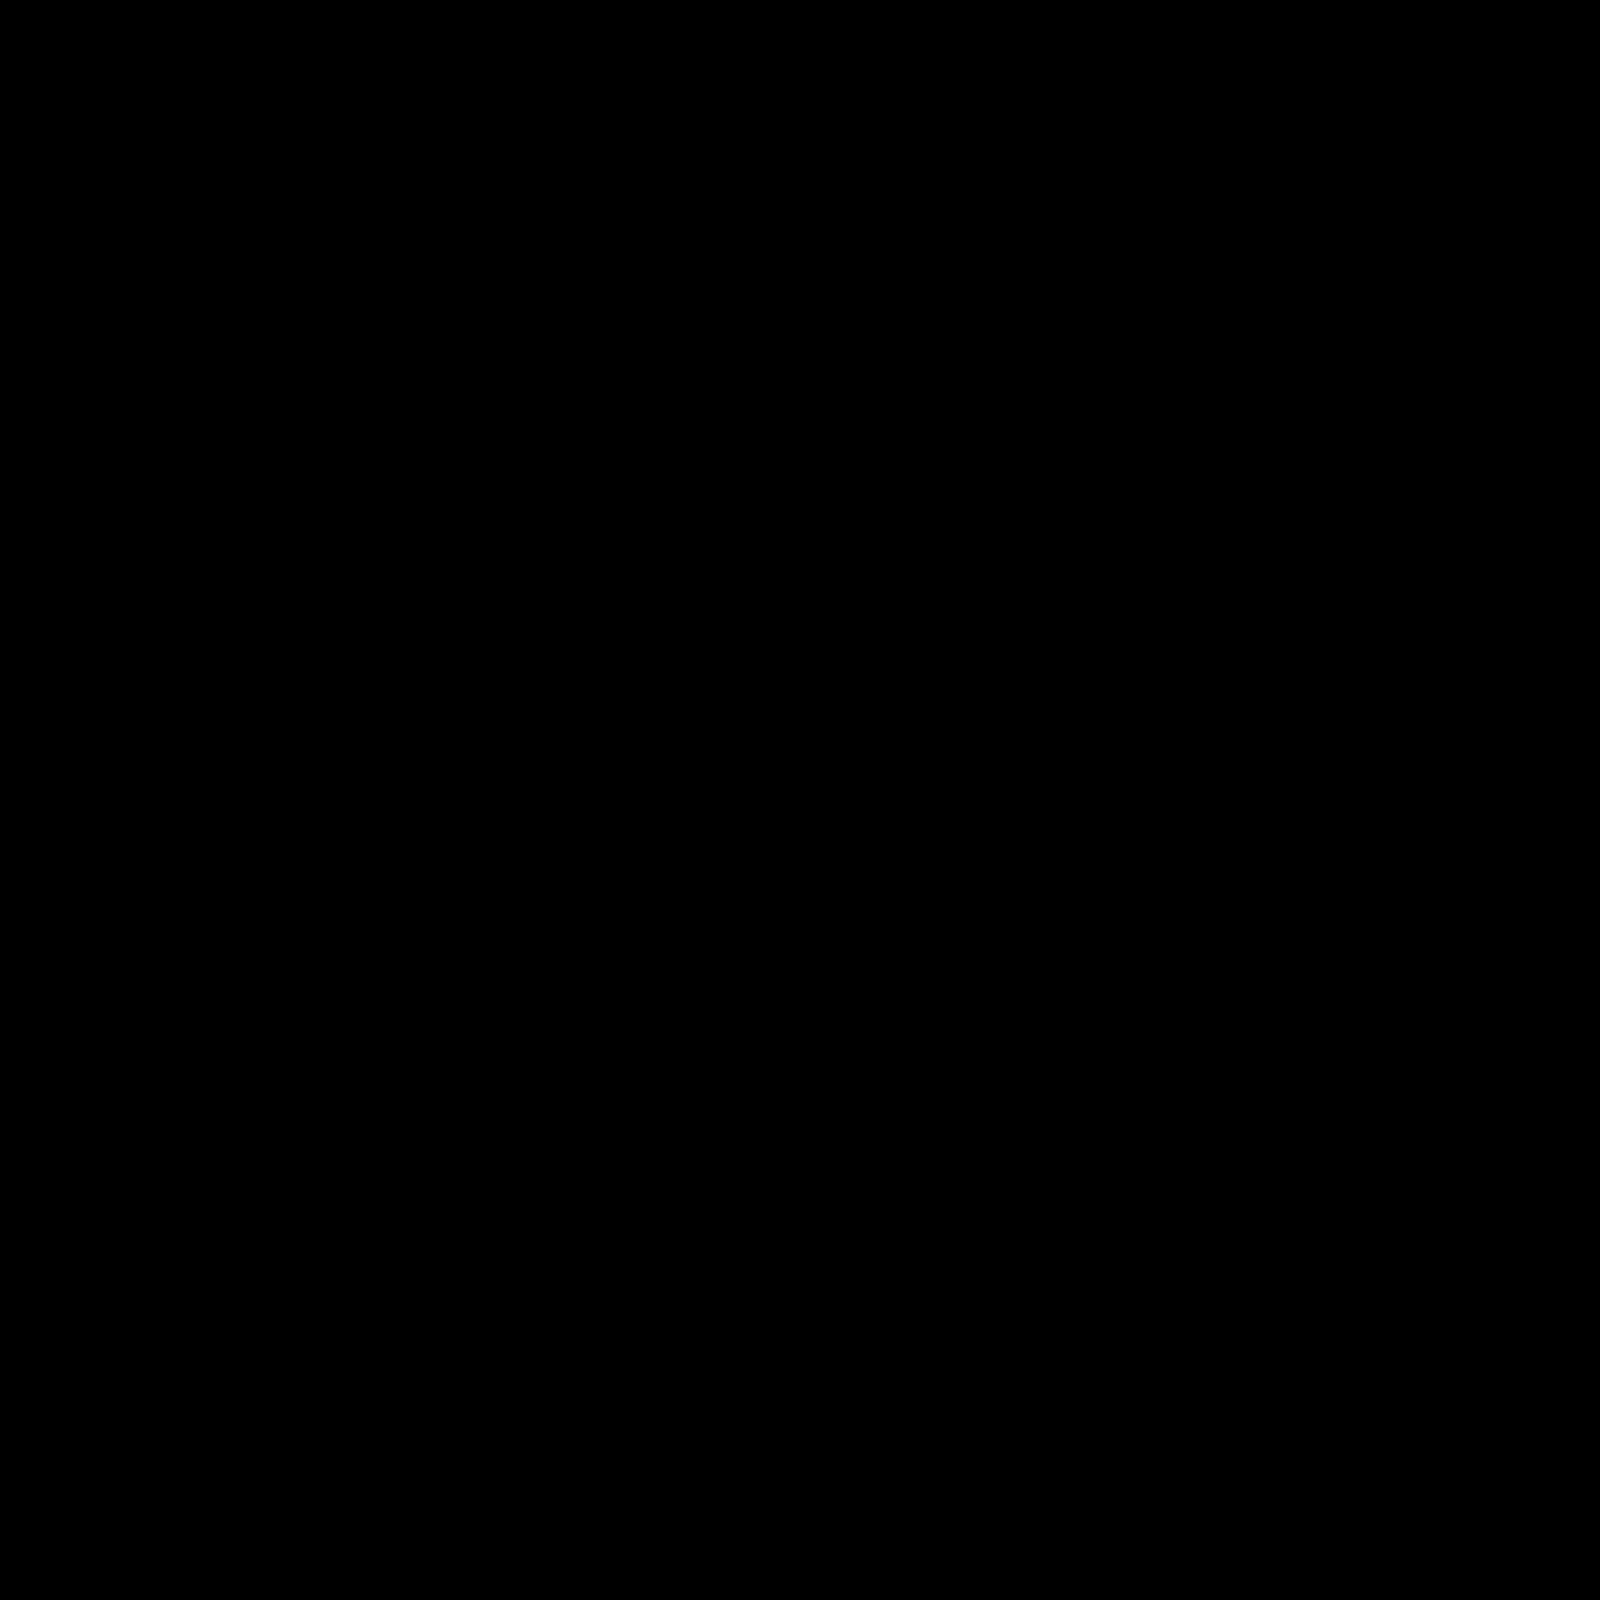 Foam Bubbles icon